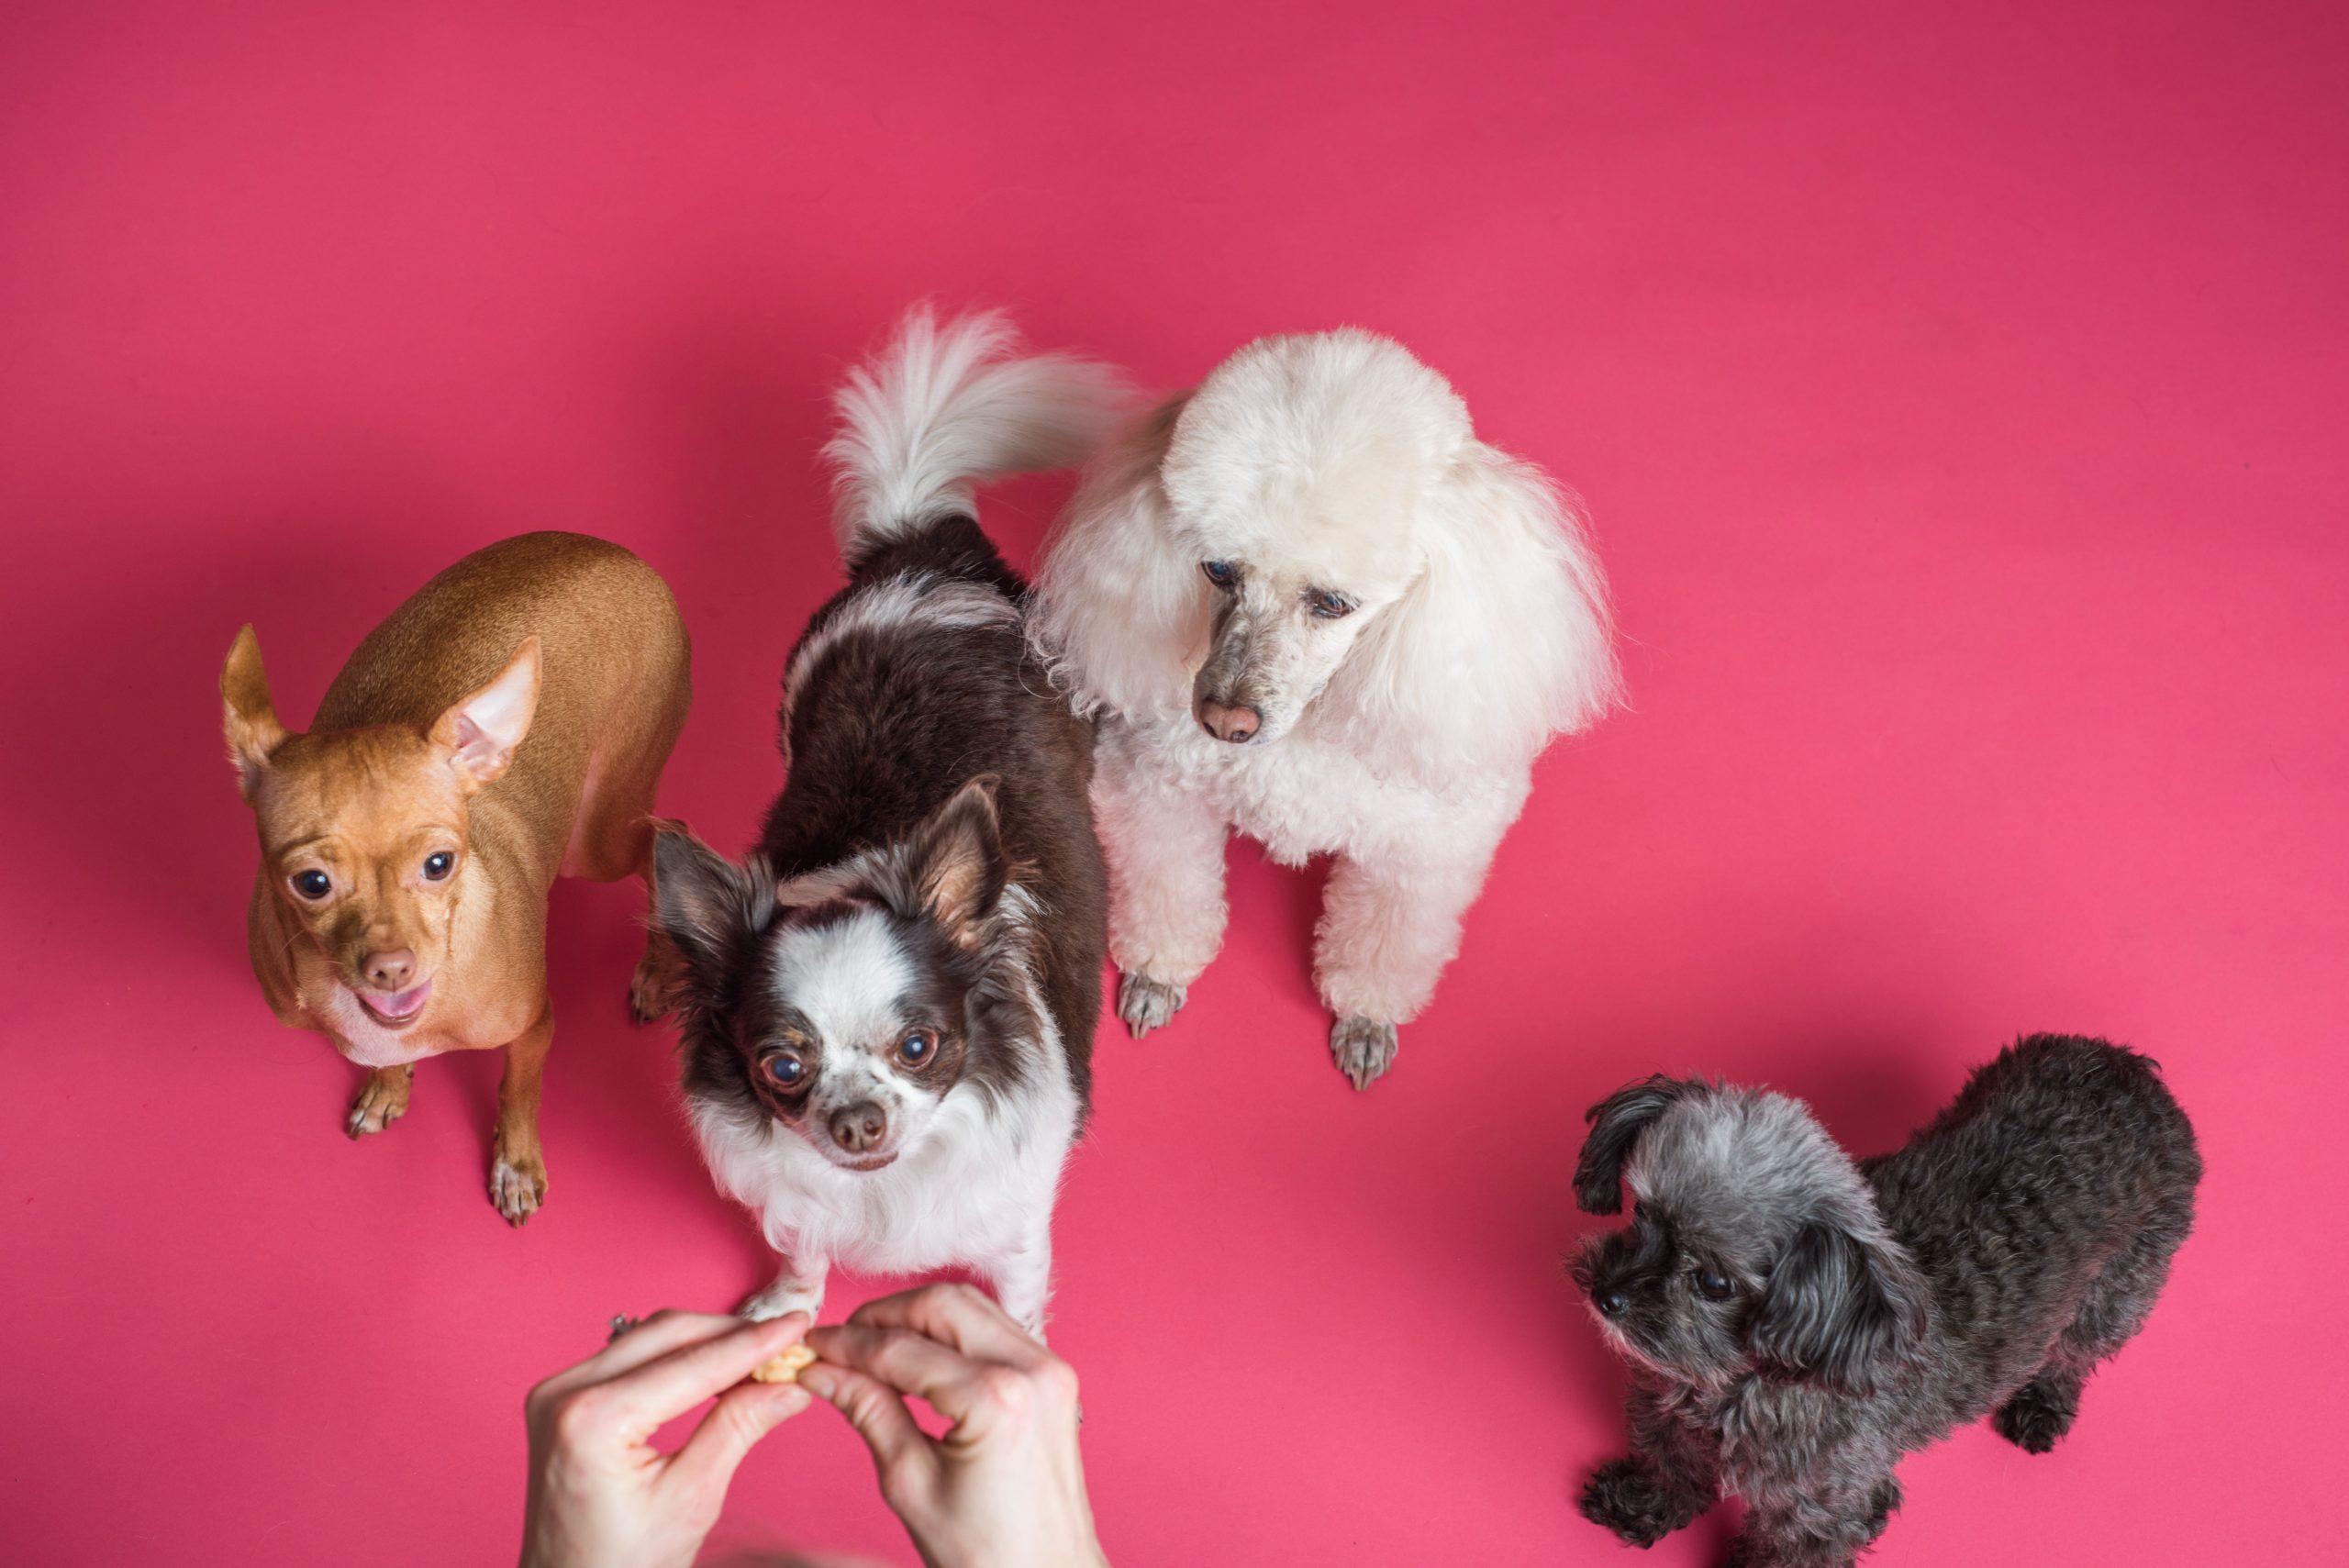 Comment trouver la bonne race de chien?